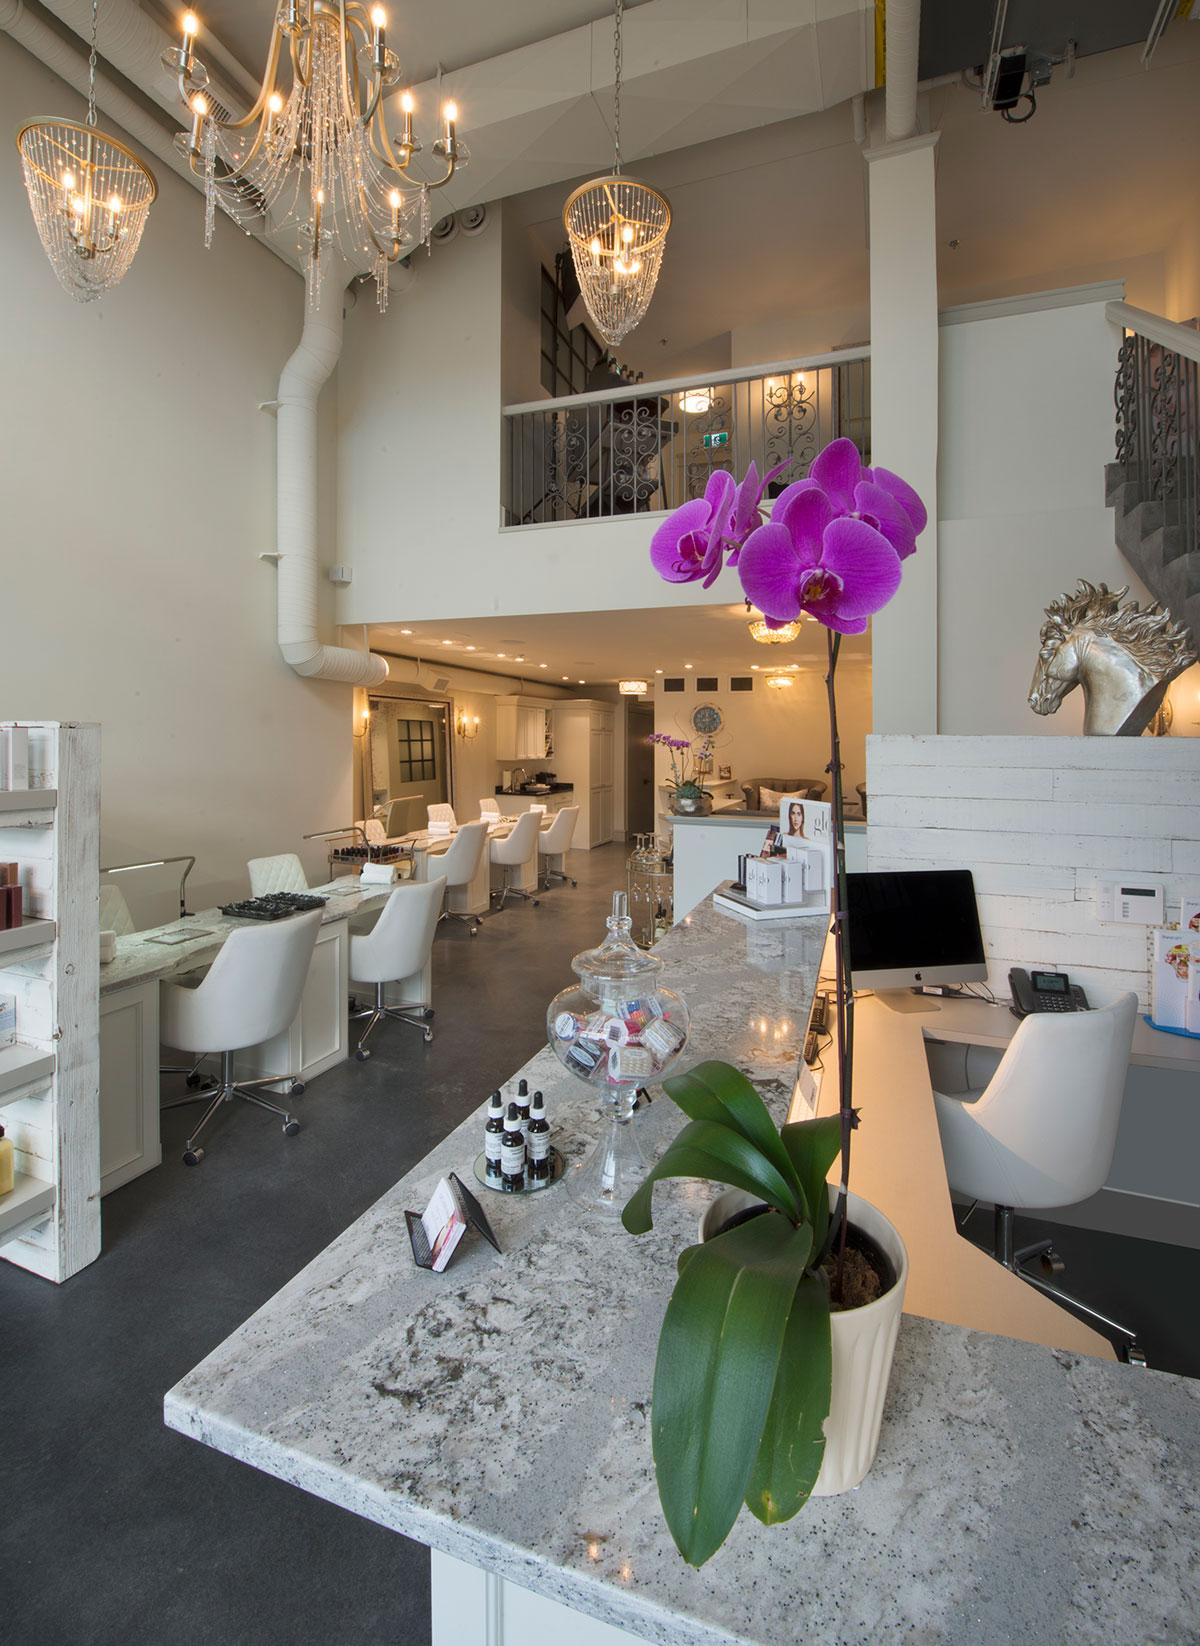 Boutique Esthetics Lounge - Membership Details